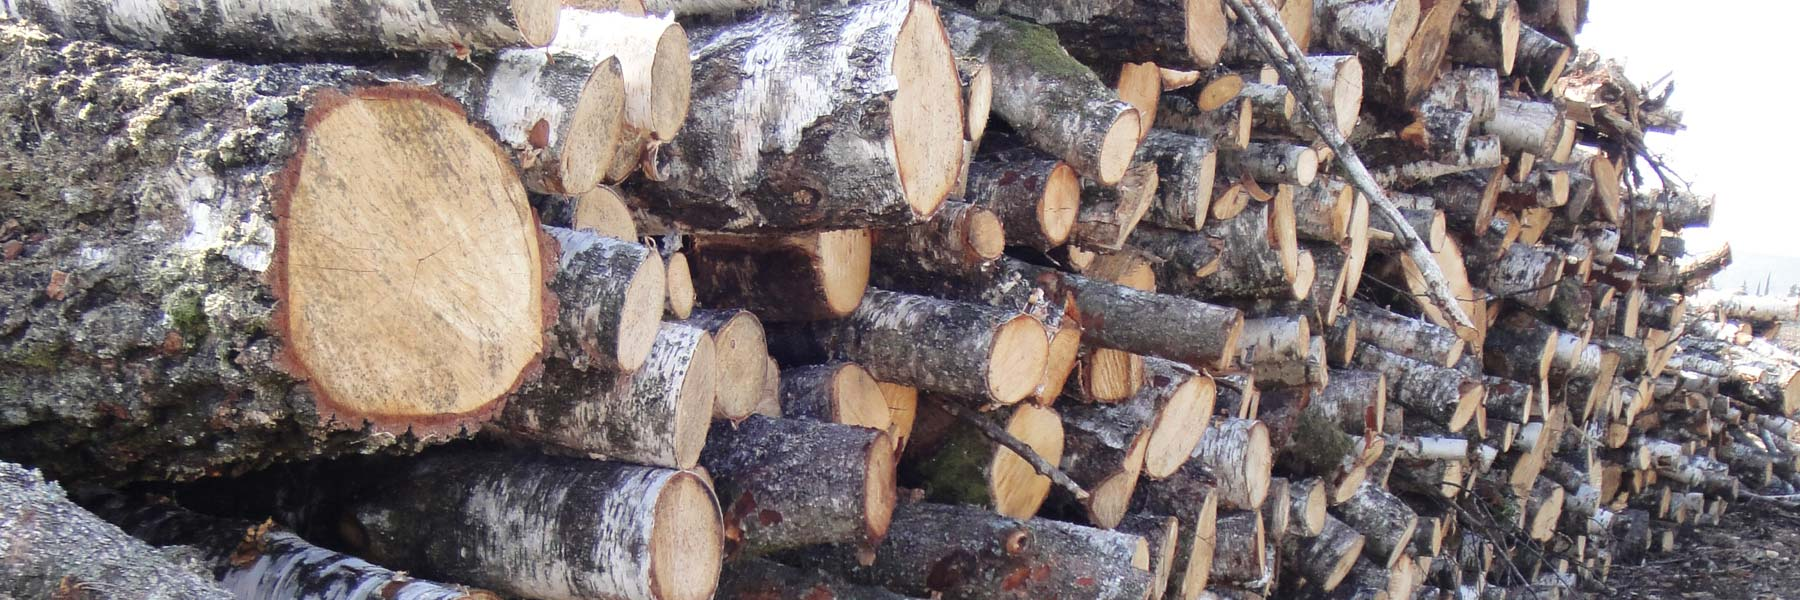 bois de chauffage h rault la sarl jullian vous propose diverses essences de bois dont le. Black Bedroom Furniture Sets. Home Design Ideas